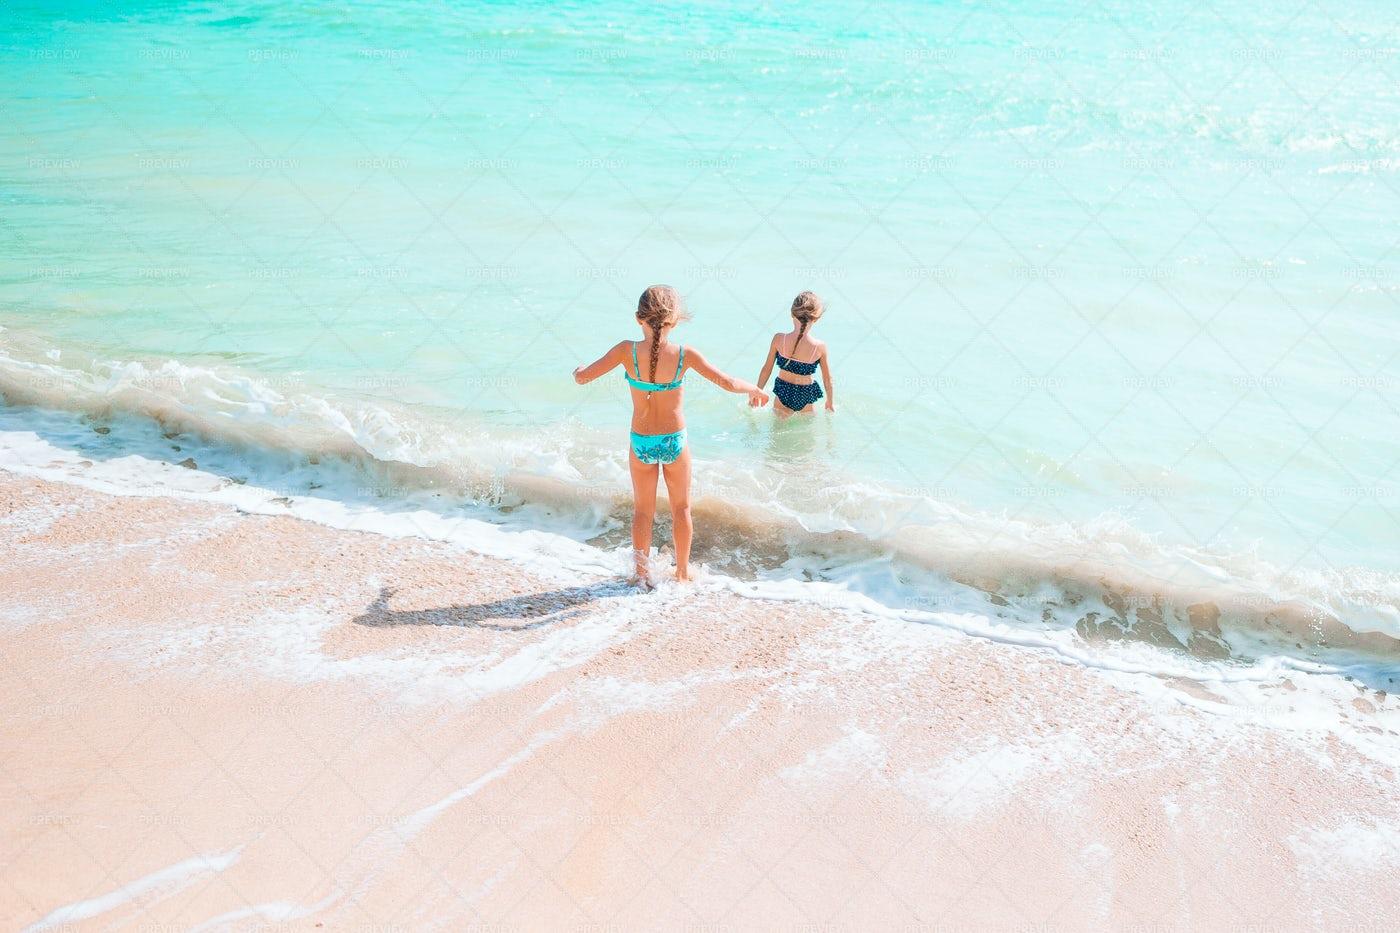 Kids On The Beach: Stock Photos